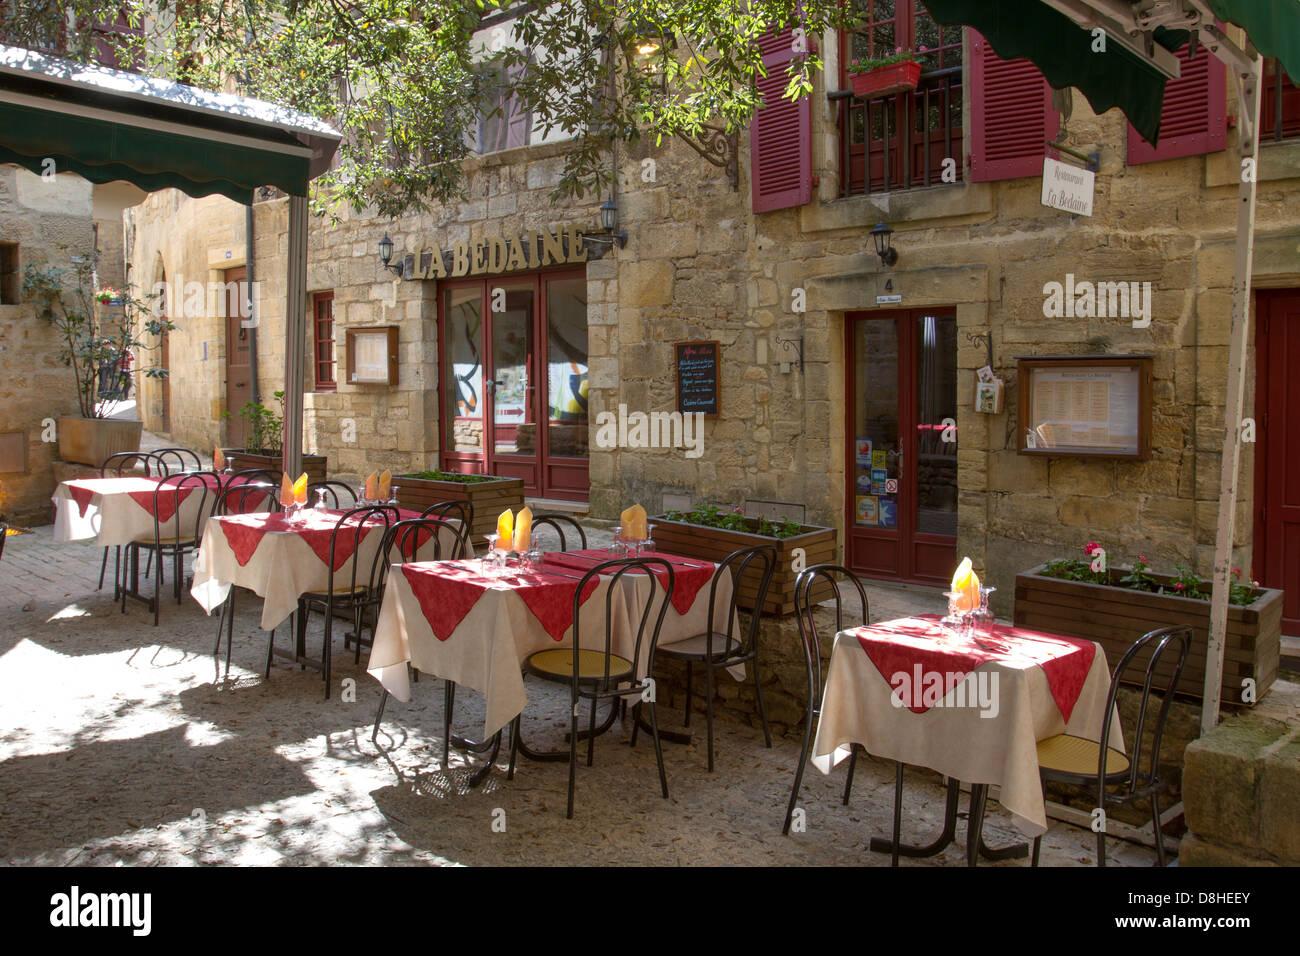 Sun-pezzata cortile esterno ristorante fra medievale edifici di pietra arenaria di affascinante Sarlat Dordogne Immagini Stock